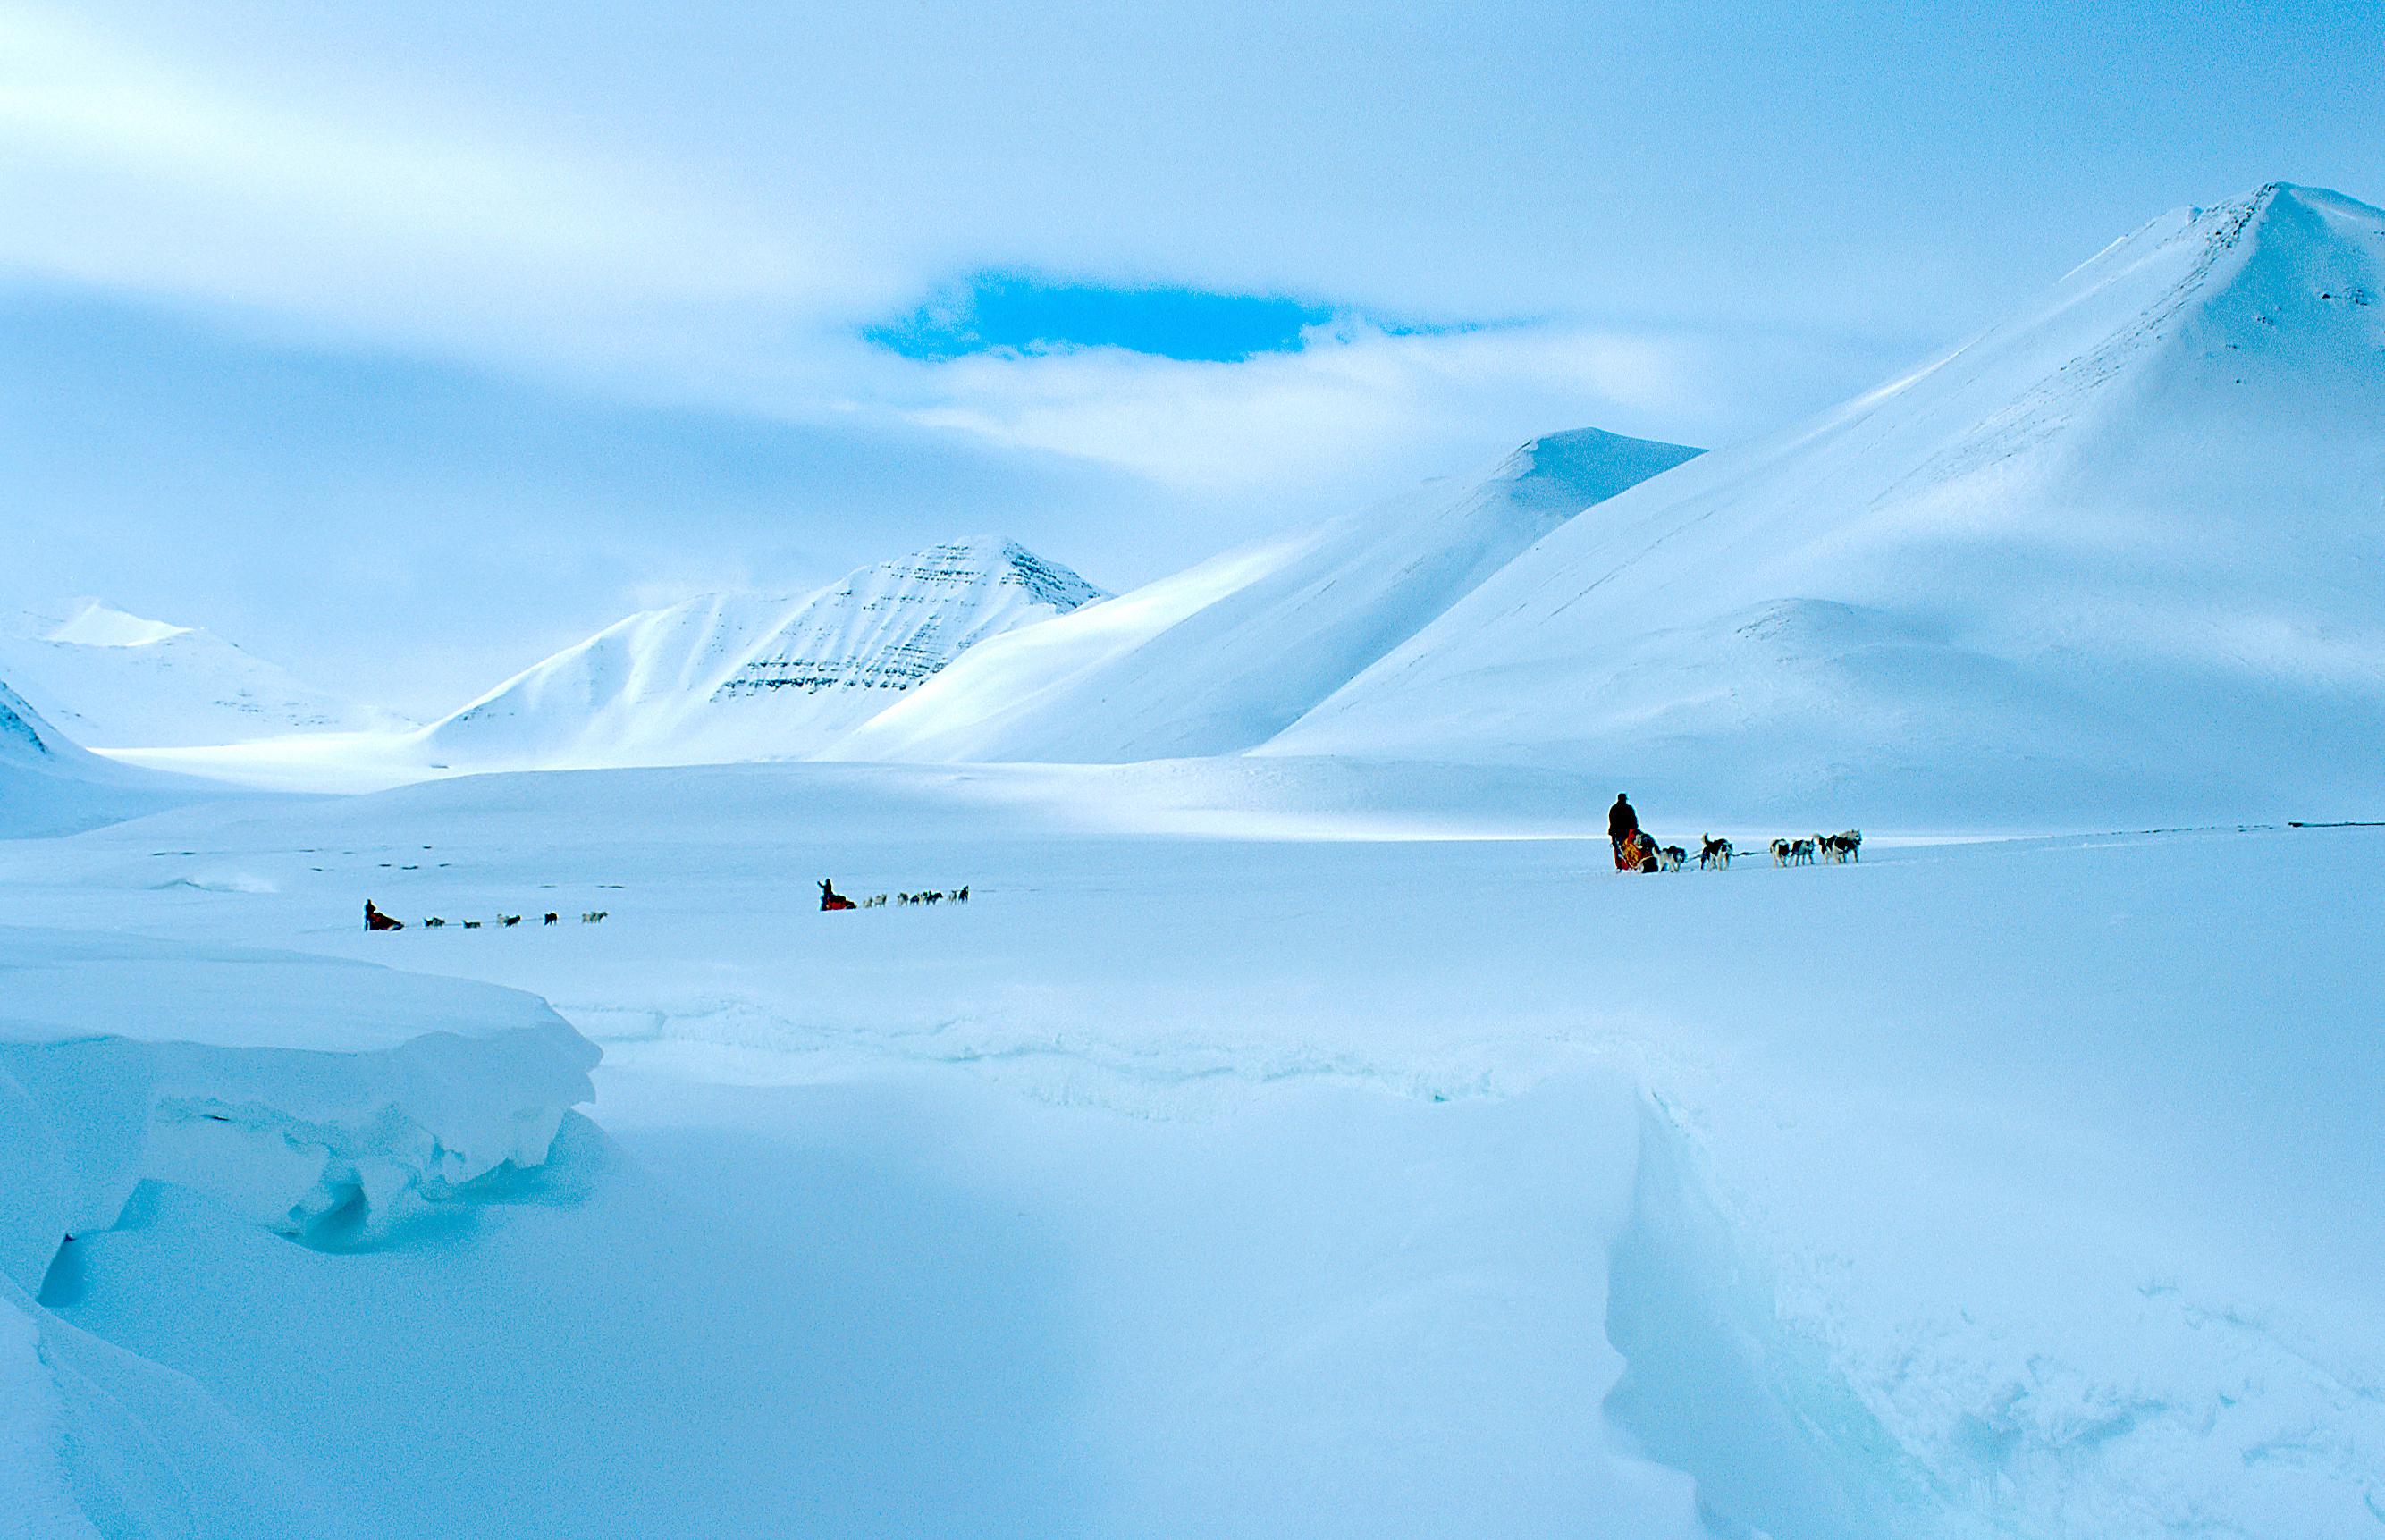 huskyteams in snowlandscape